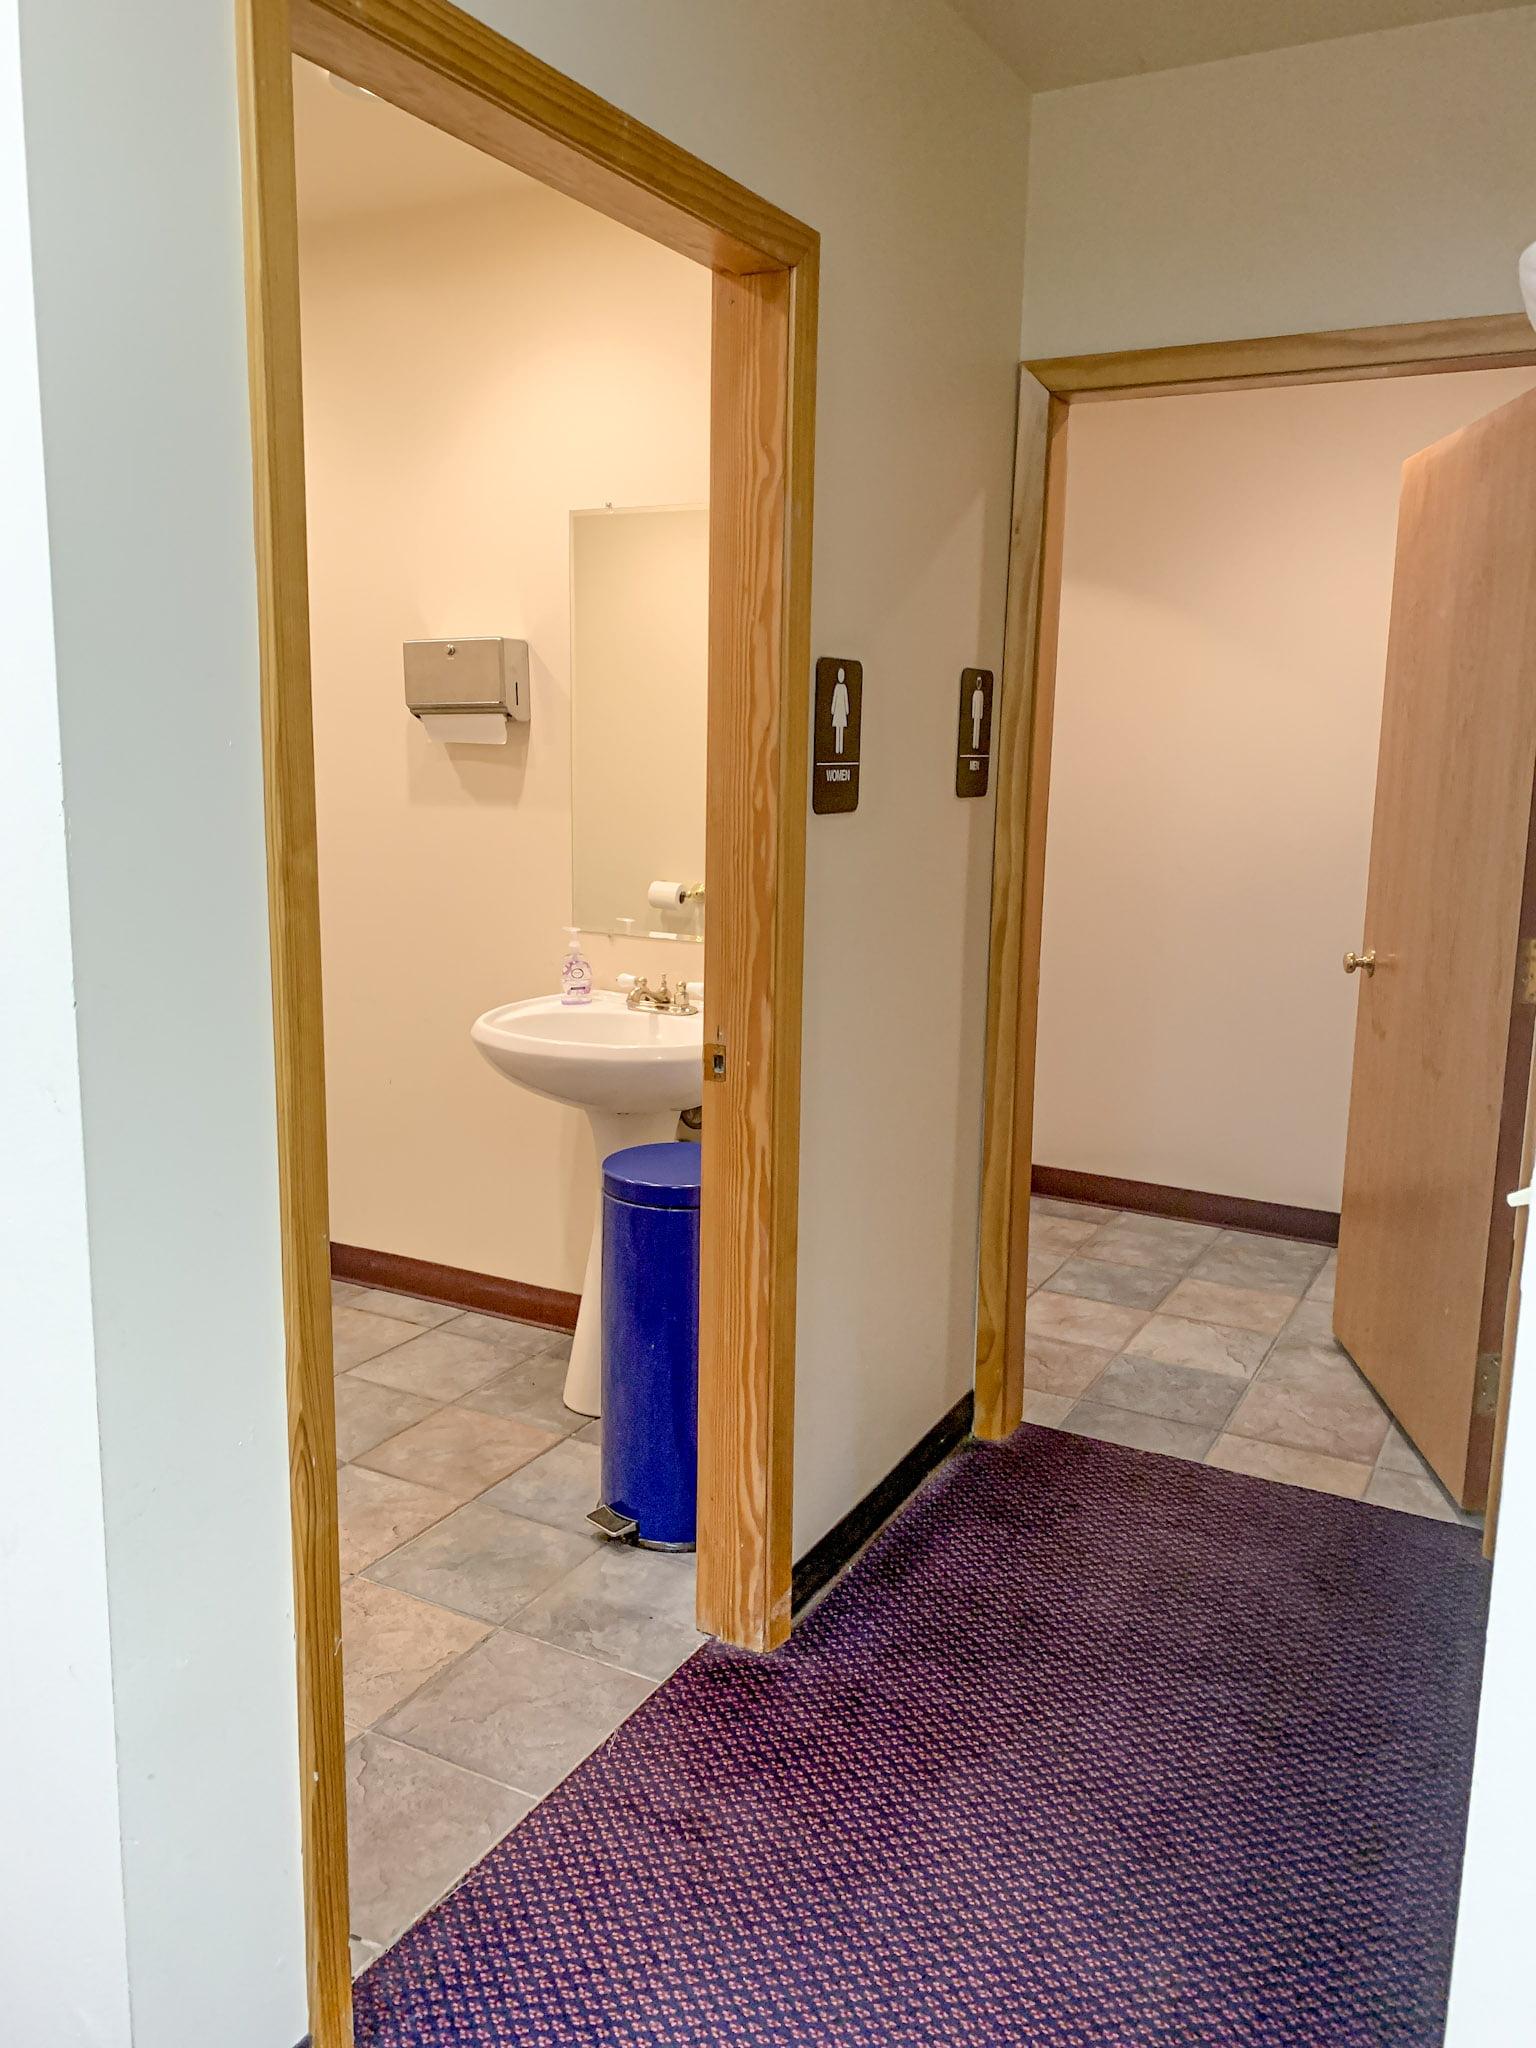 921 W 6th Ave - interior 6